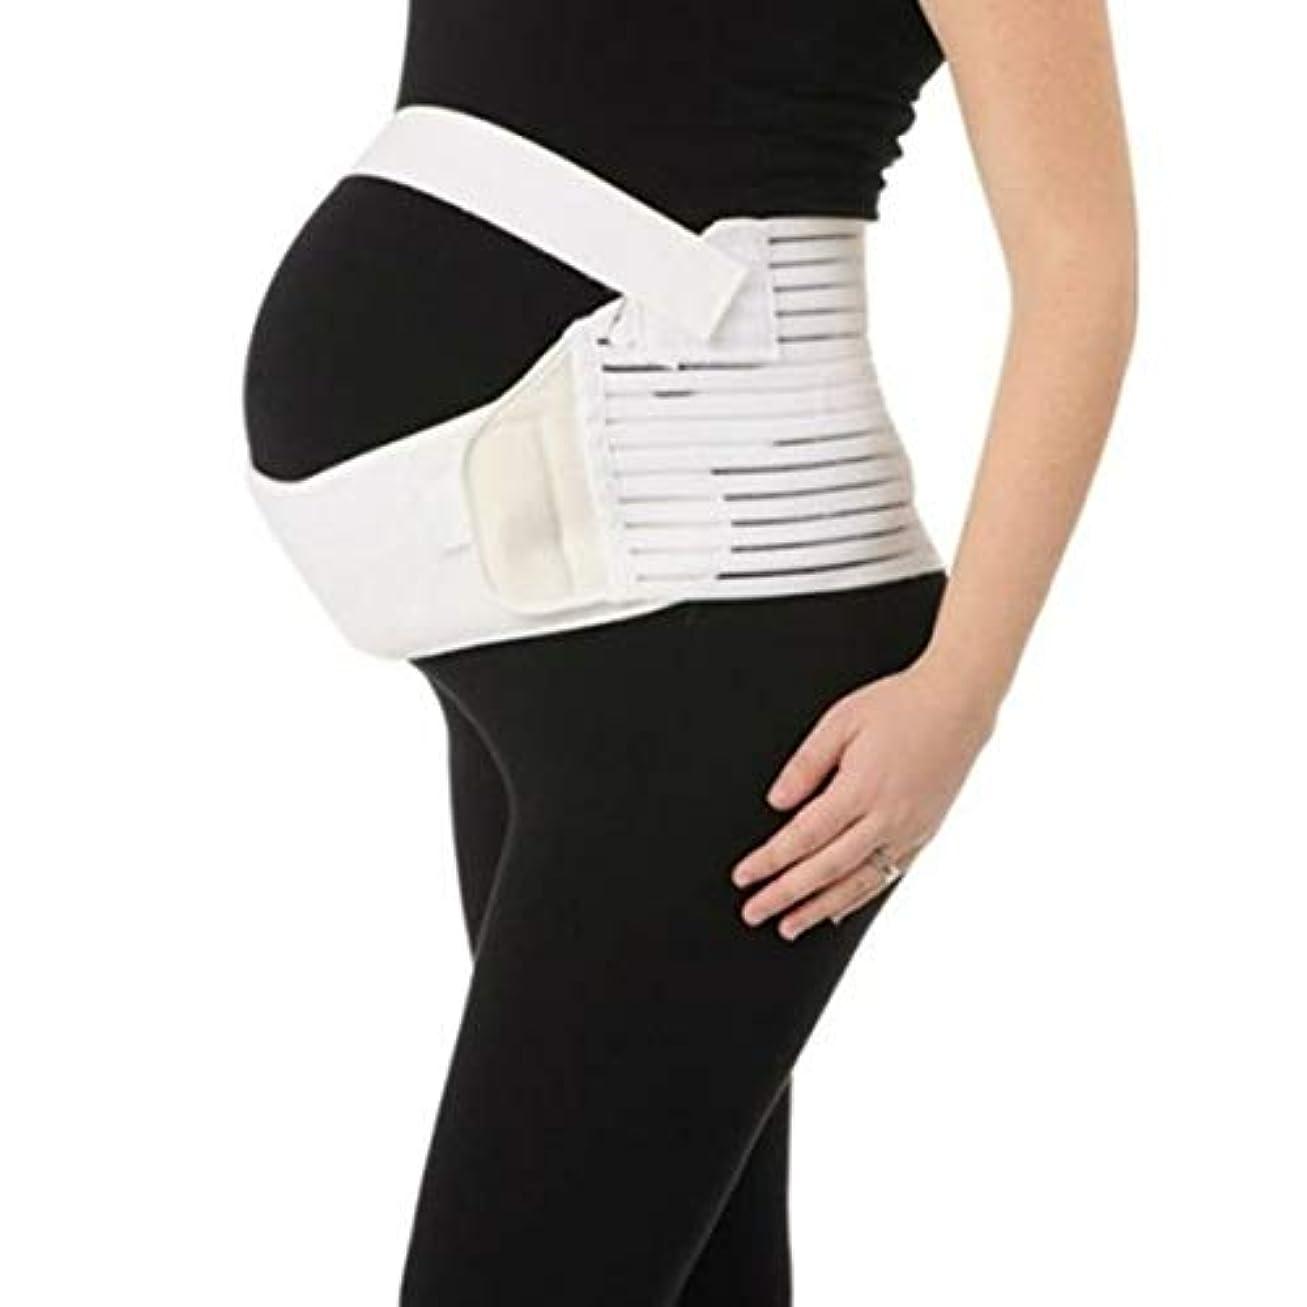 終わりコミット記念碑通気性マタニティベルト妊娠腹部サポート腹部バインダーガードル運動包帯産後回復形状ウェア - ホワイトXL